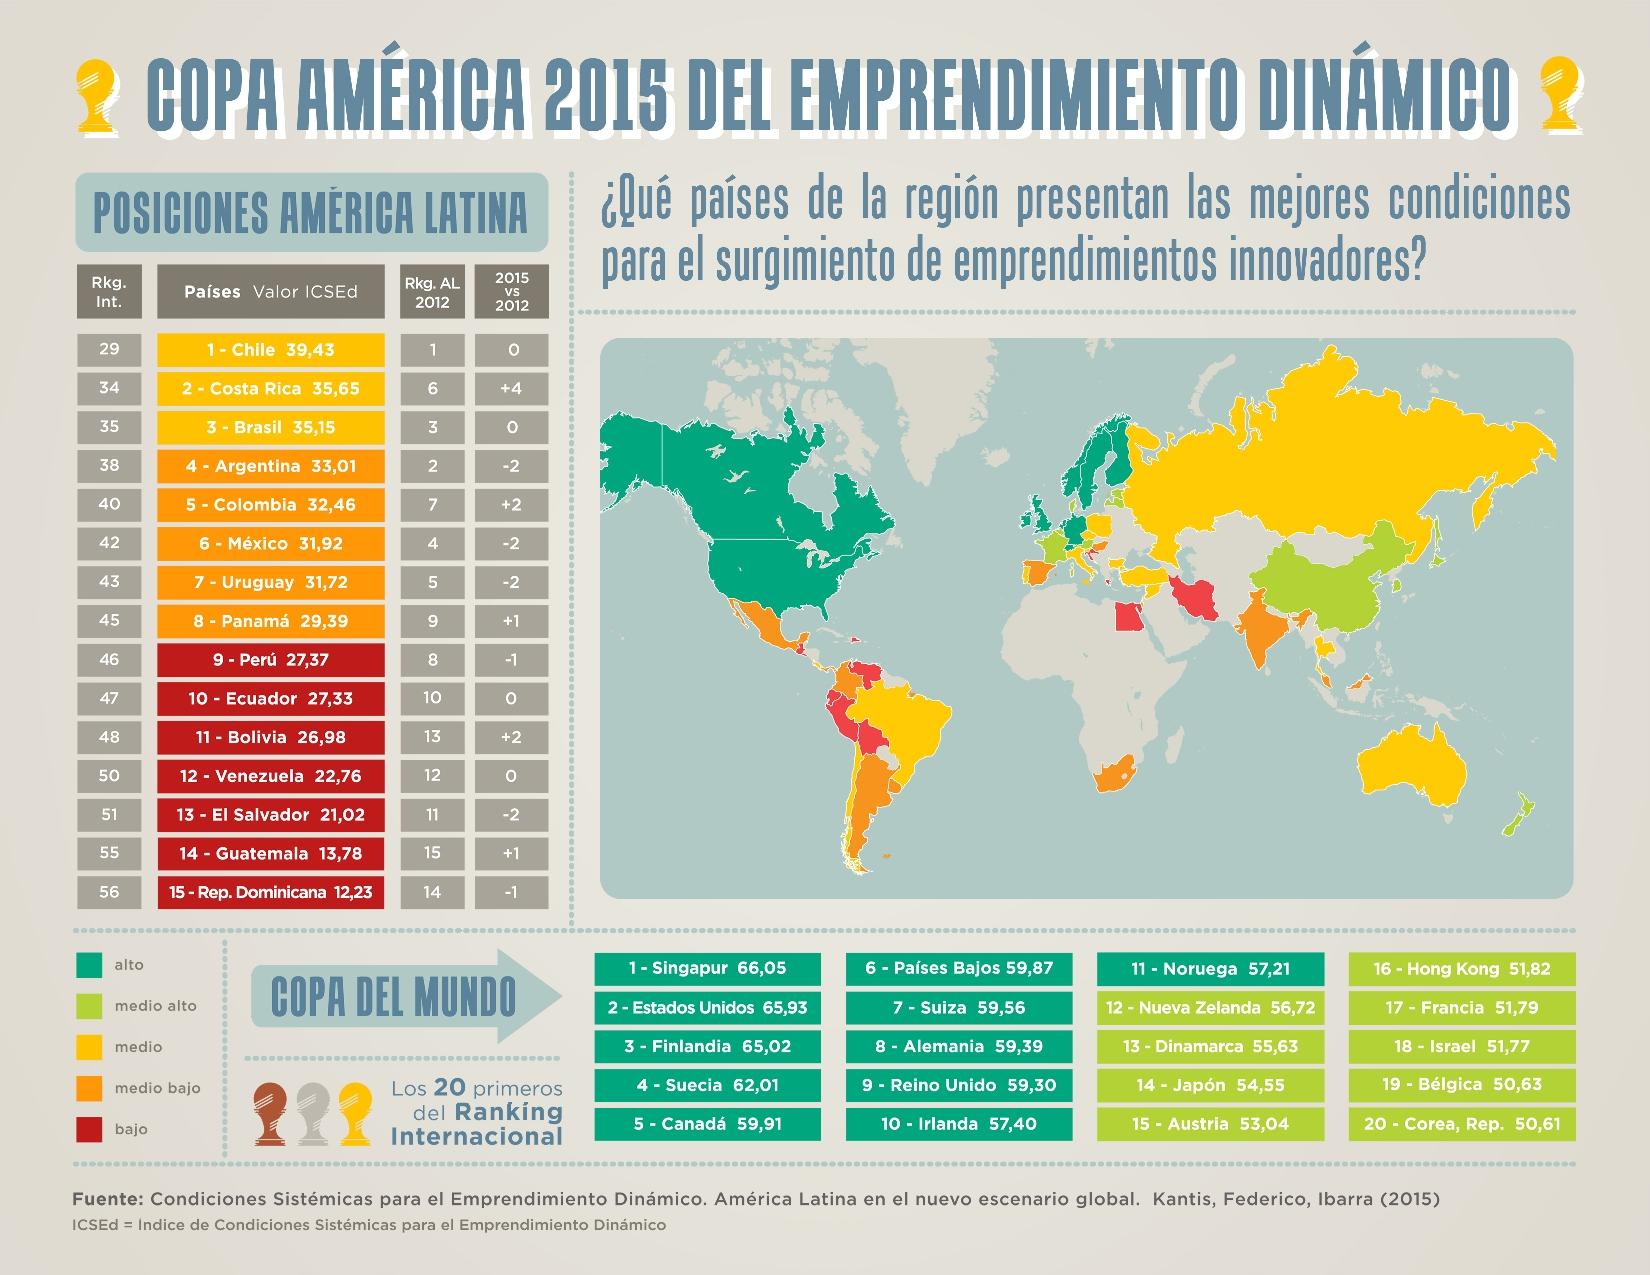 copa-america-emprendimiento-mapa-rkg1